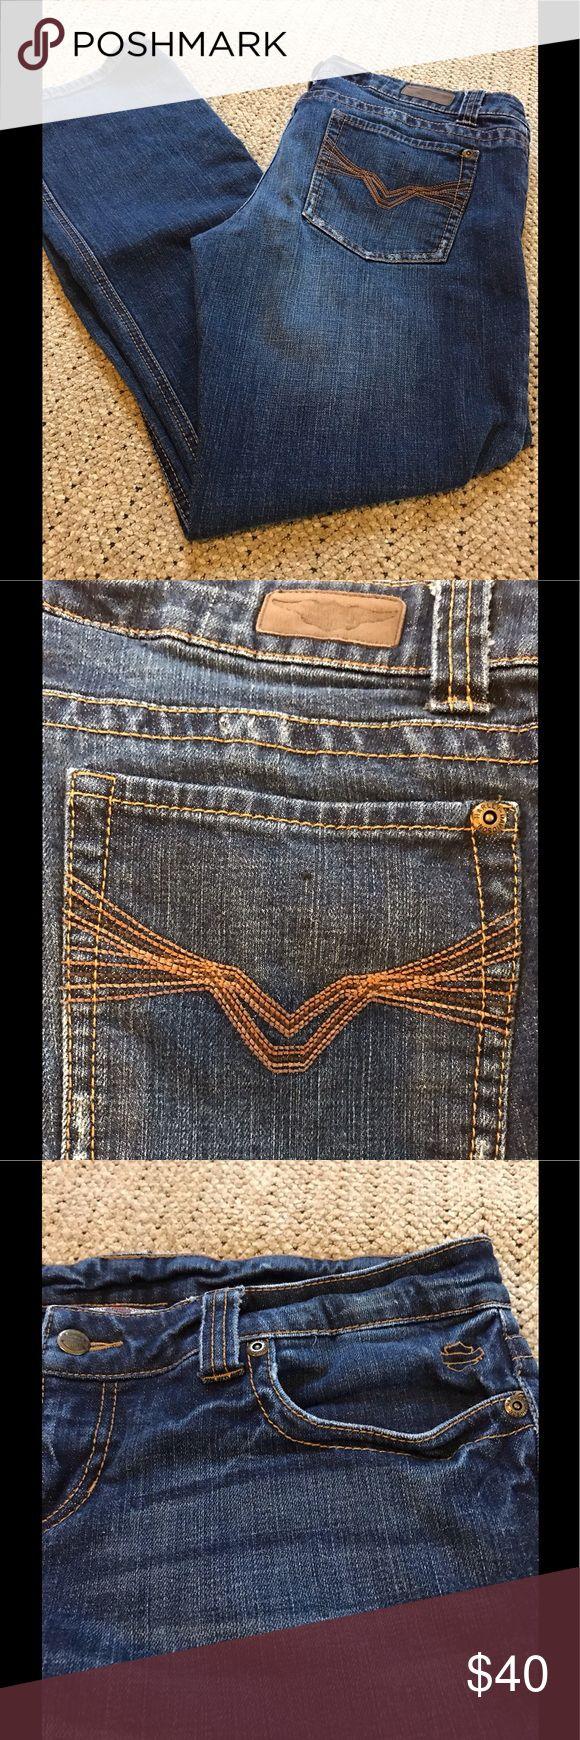 HARLEY DAVIDSON JEANS Size 14 Regular Harley-Davidson Jeans Boot Cut